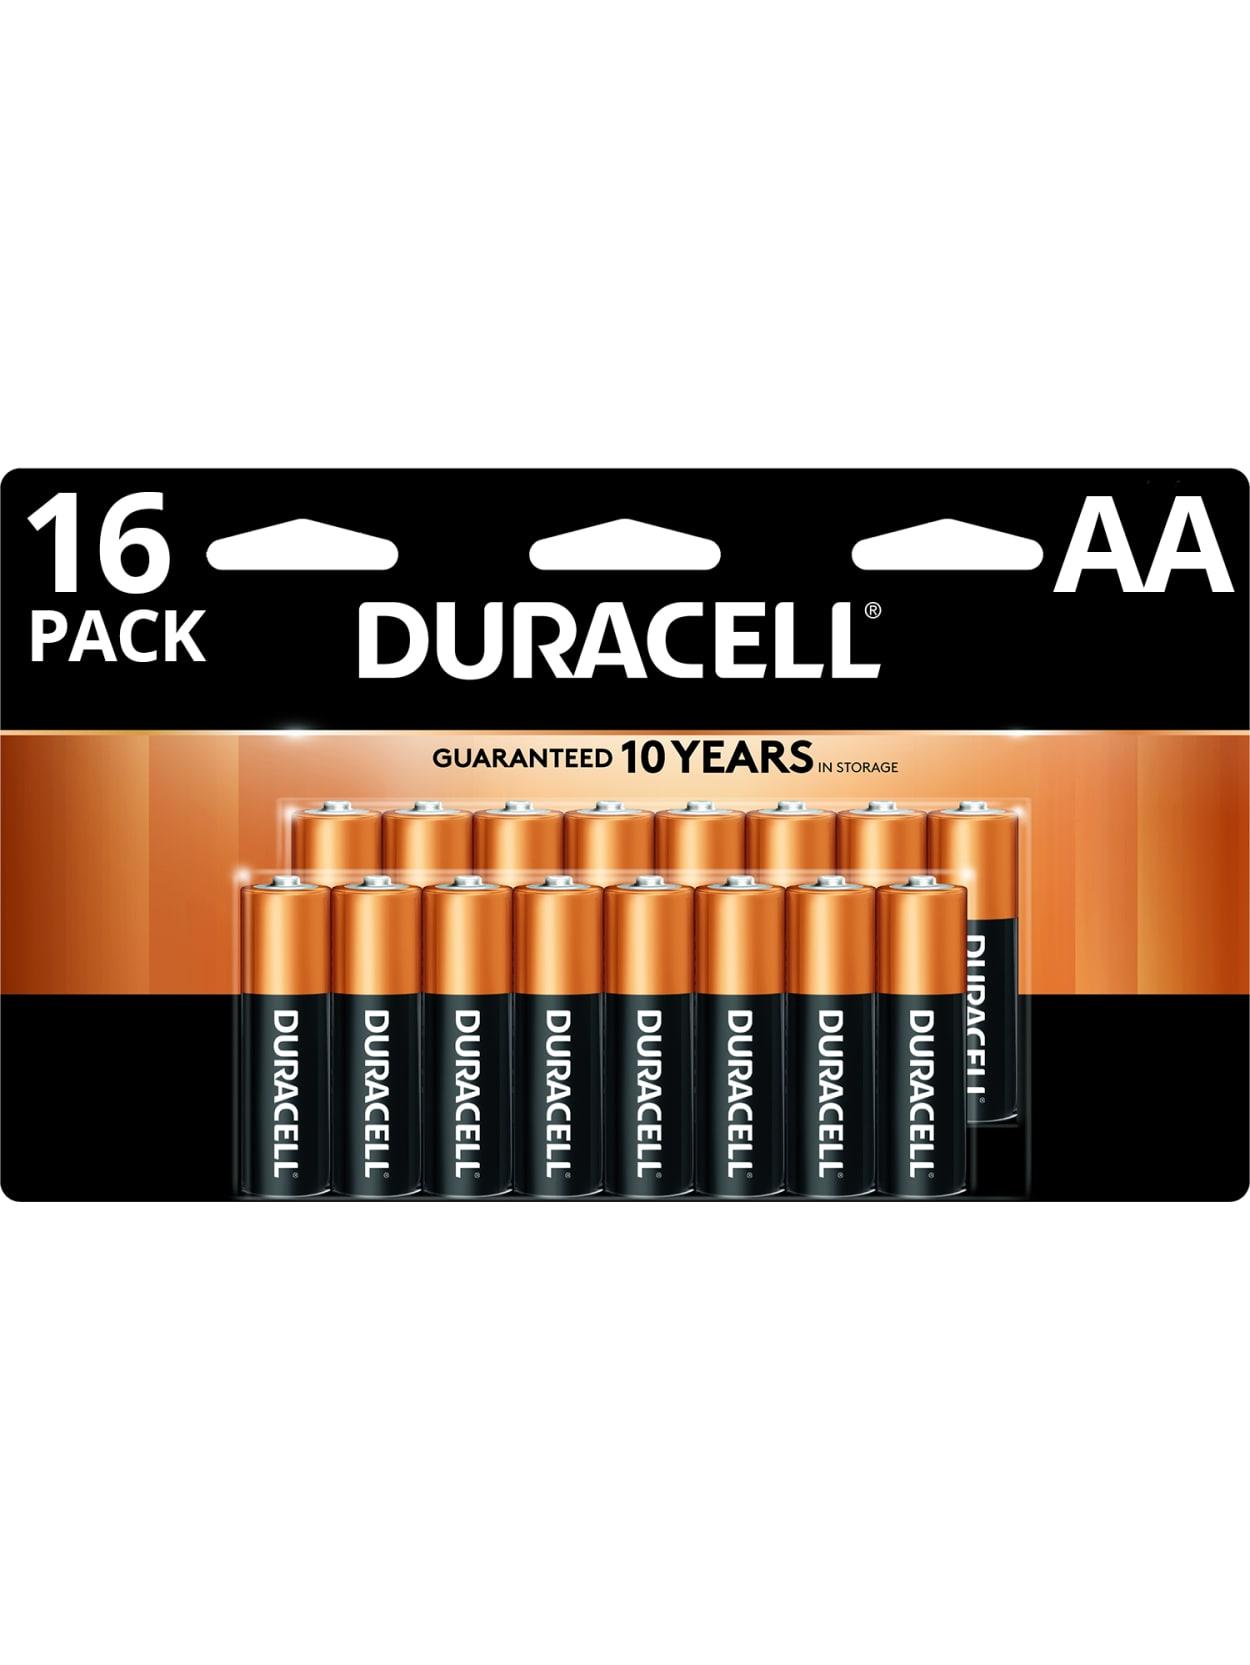 Office Depot Duracell® Coppertop Alkaline AA/AAA 16-PK & AA 24-PK + 100% Back in Rewards $ + Free Curbside Pickup